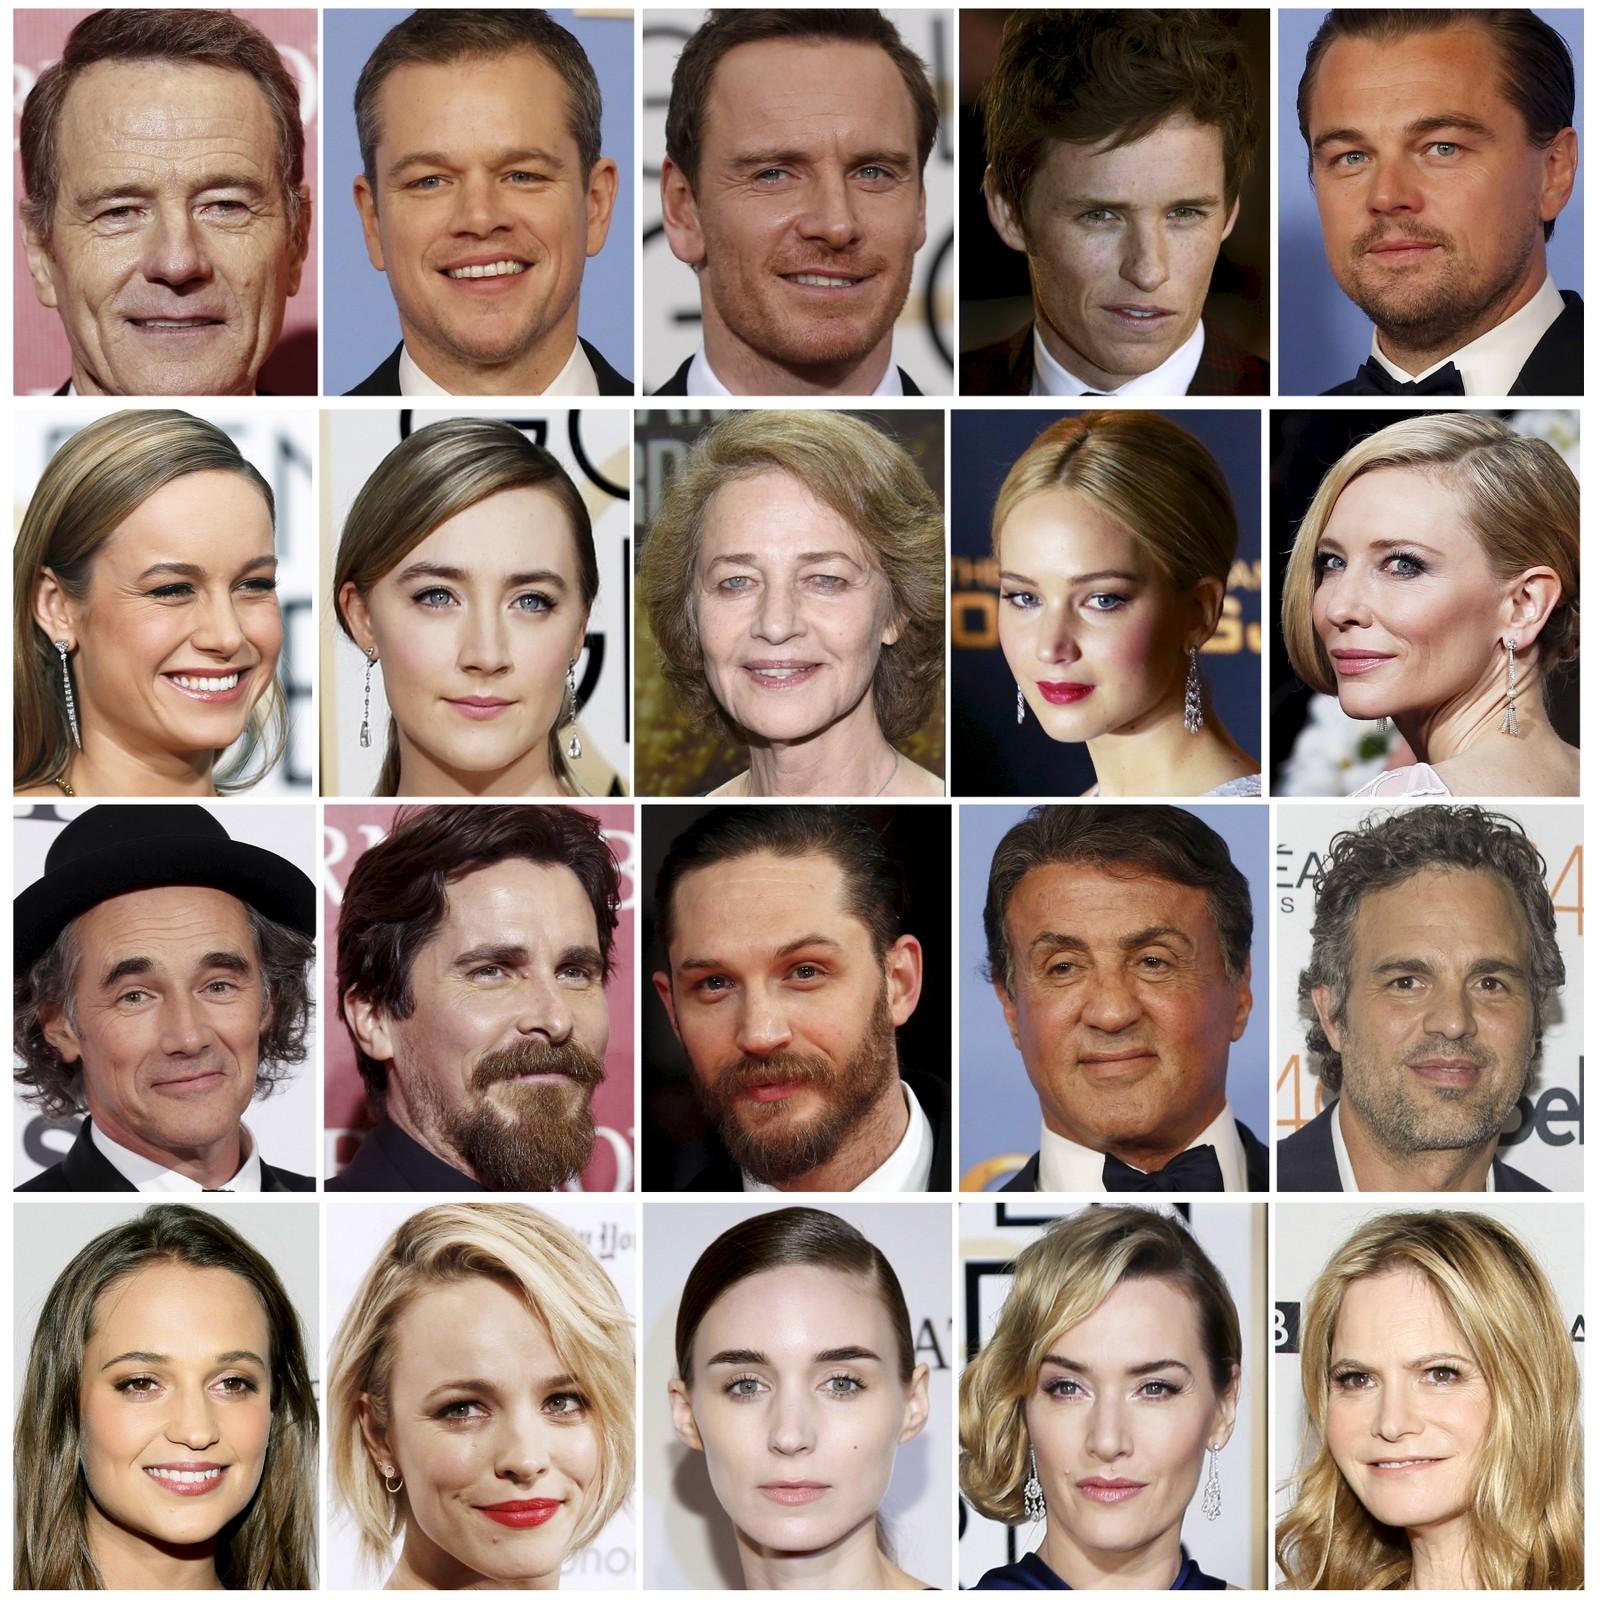 Det ble oppstyr da det for andre året på rad bare var hvite skuespillere som ble nominert til Oscar. Flere prominente gjester truet sågar med å boikotte utdelingen. På bildet ser vi de nominerte: Bryan Cranston, Matt Damon, Michael Fassbender, Eddie Redmayne, og Leonardo DiCaprio (rad 1), Brie Larson, Saoirse Ronan, Charlotte Rampling, Jennifer Lawrence og Cate Blanchett (rad 2), Mark Rylance, Christian Bale, Tom Hardy, Sylvester Stallone og Mark Ruffalo (rad 3), Alicia Vikander, Rachel McAdams, Rooney Mara, Kate Winslet og Jennifer Jason Leigh (rad 4).